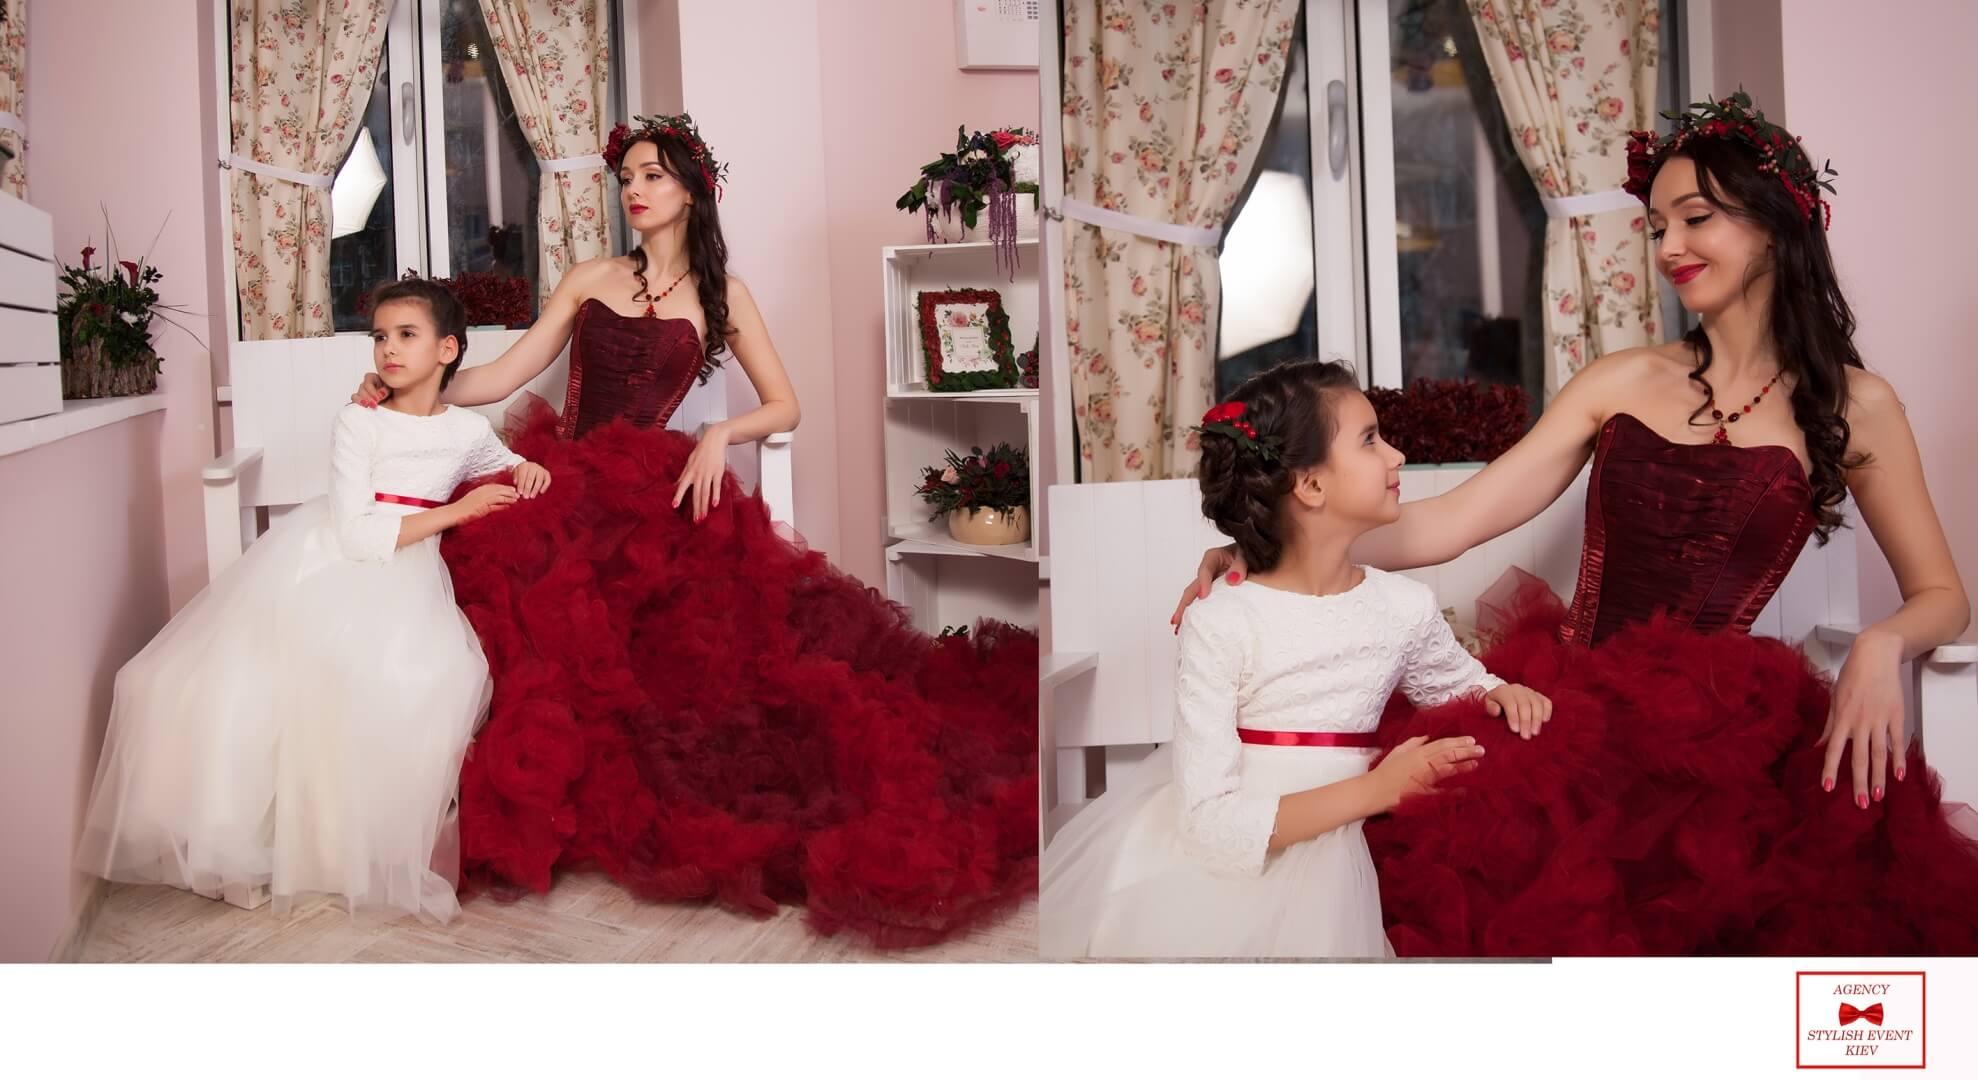 Фотосессия мама с дочкой идеи фотограф Марина Праздничная Артем Бездольный